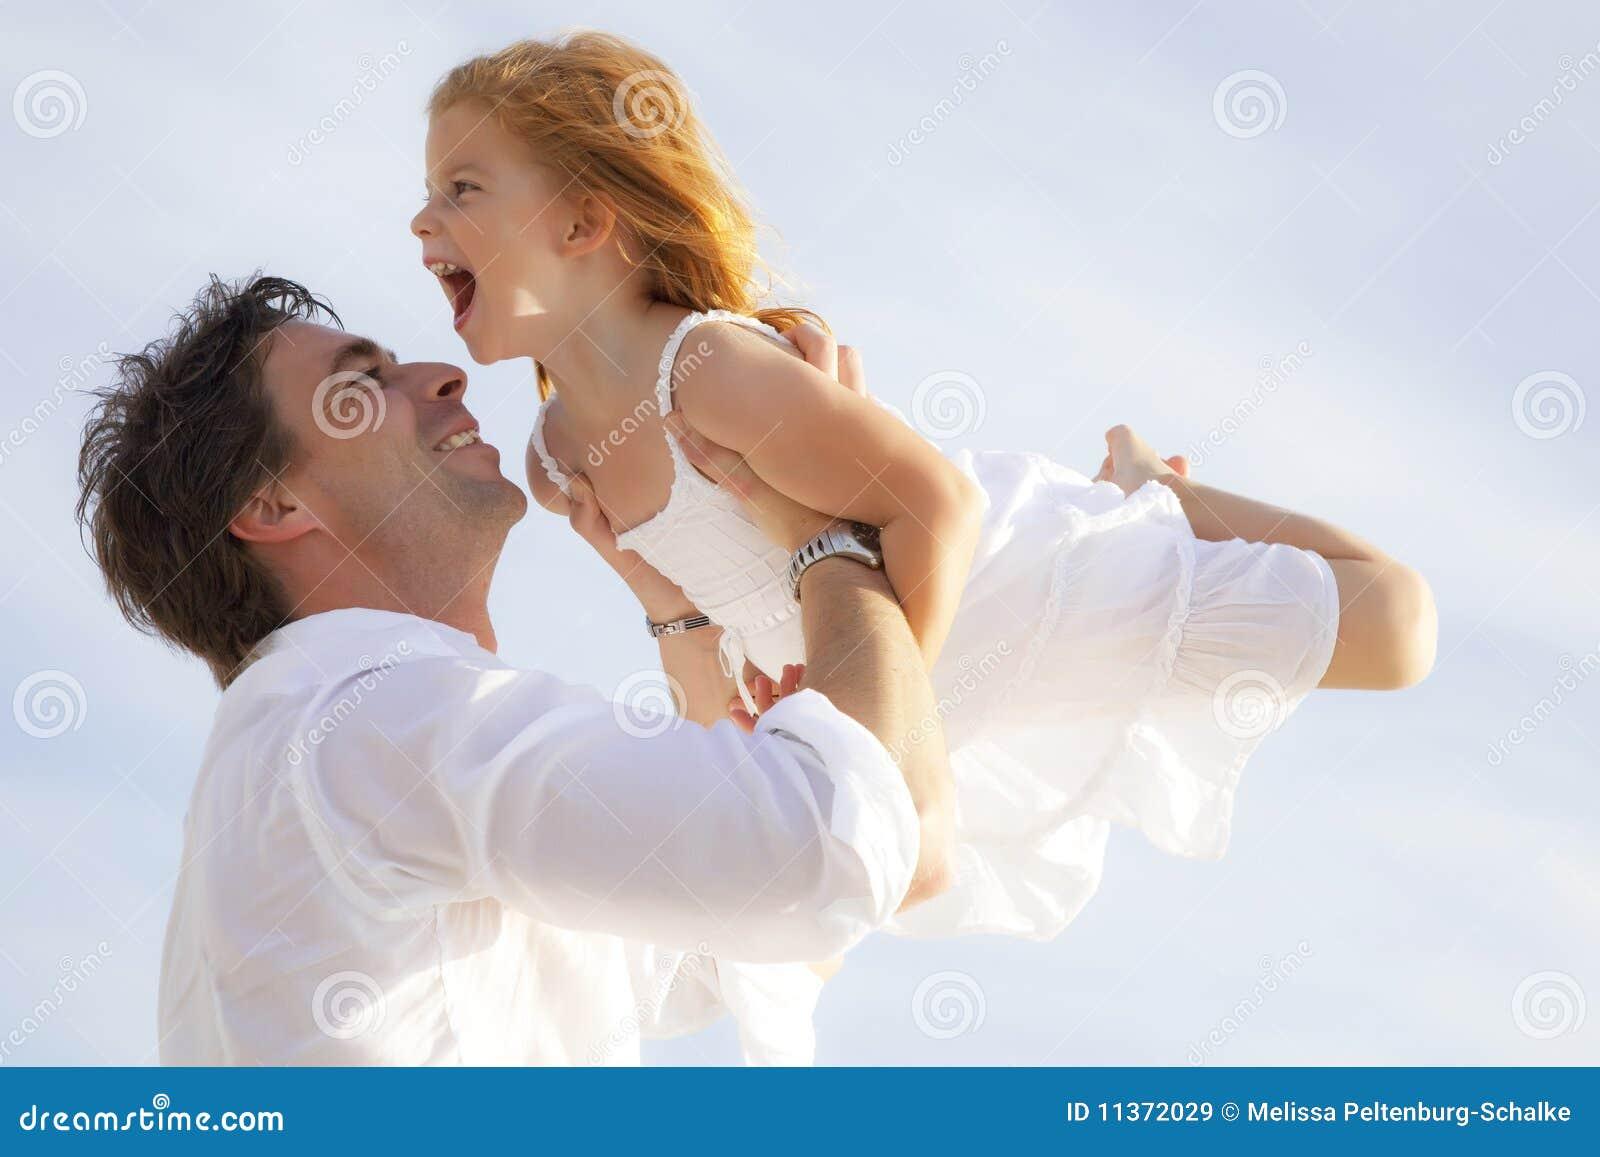 Рассказ отец и дочь в душе 22 фотография